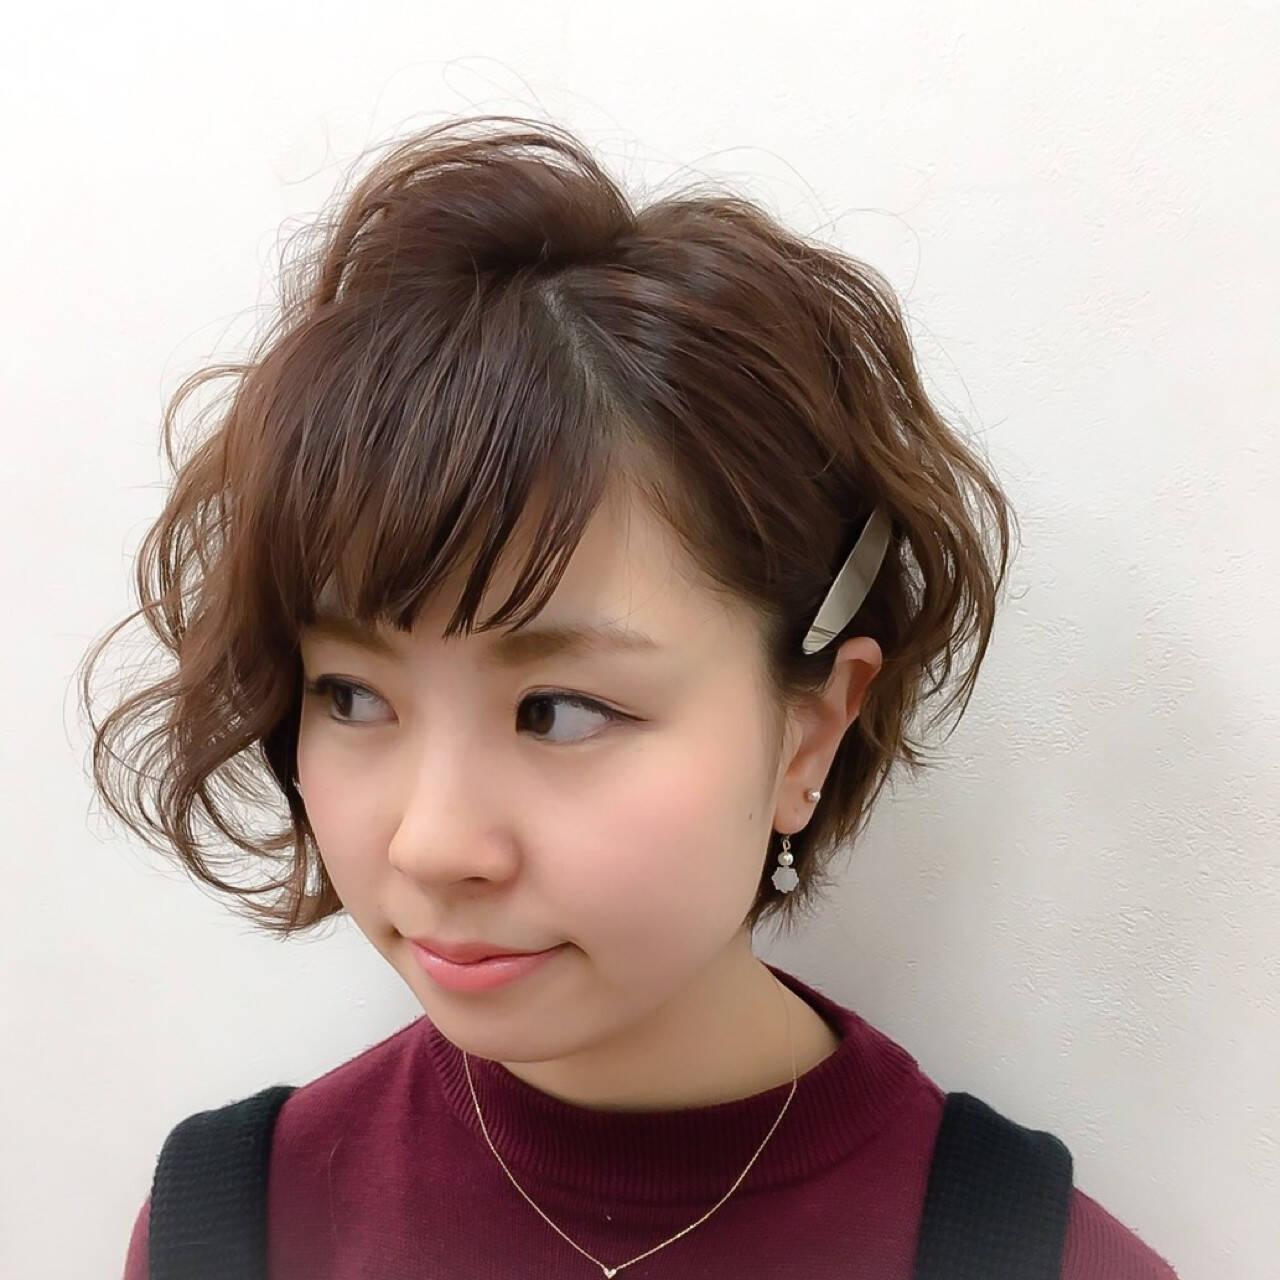 ナチュラル 簡単ヘアアレンジ ヘアアレンジ 小顔ヘアスタイルや髪型の写真・画像